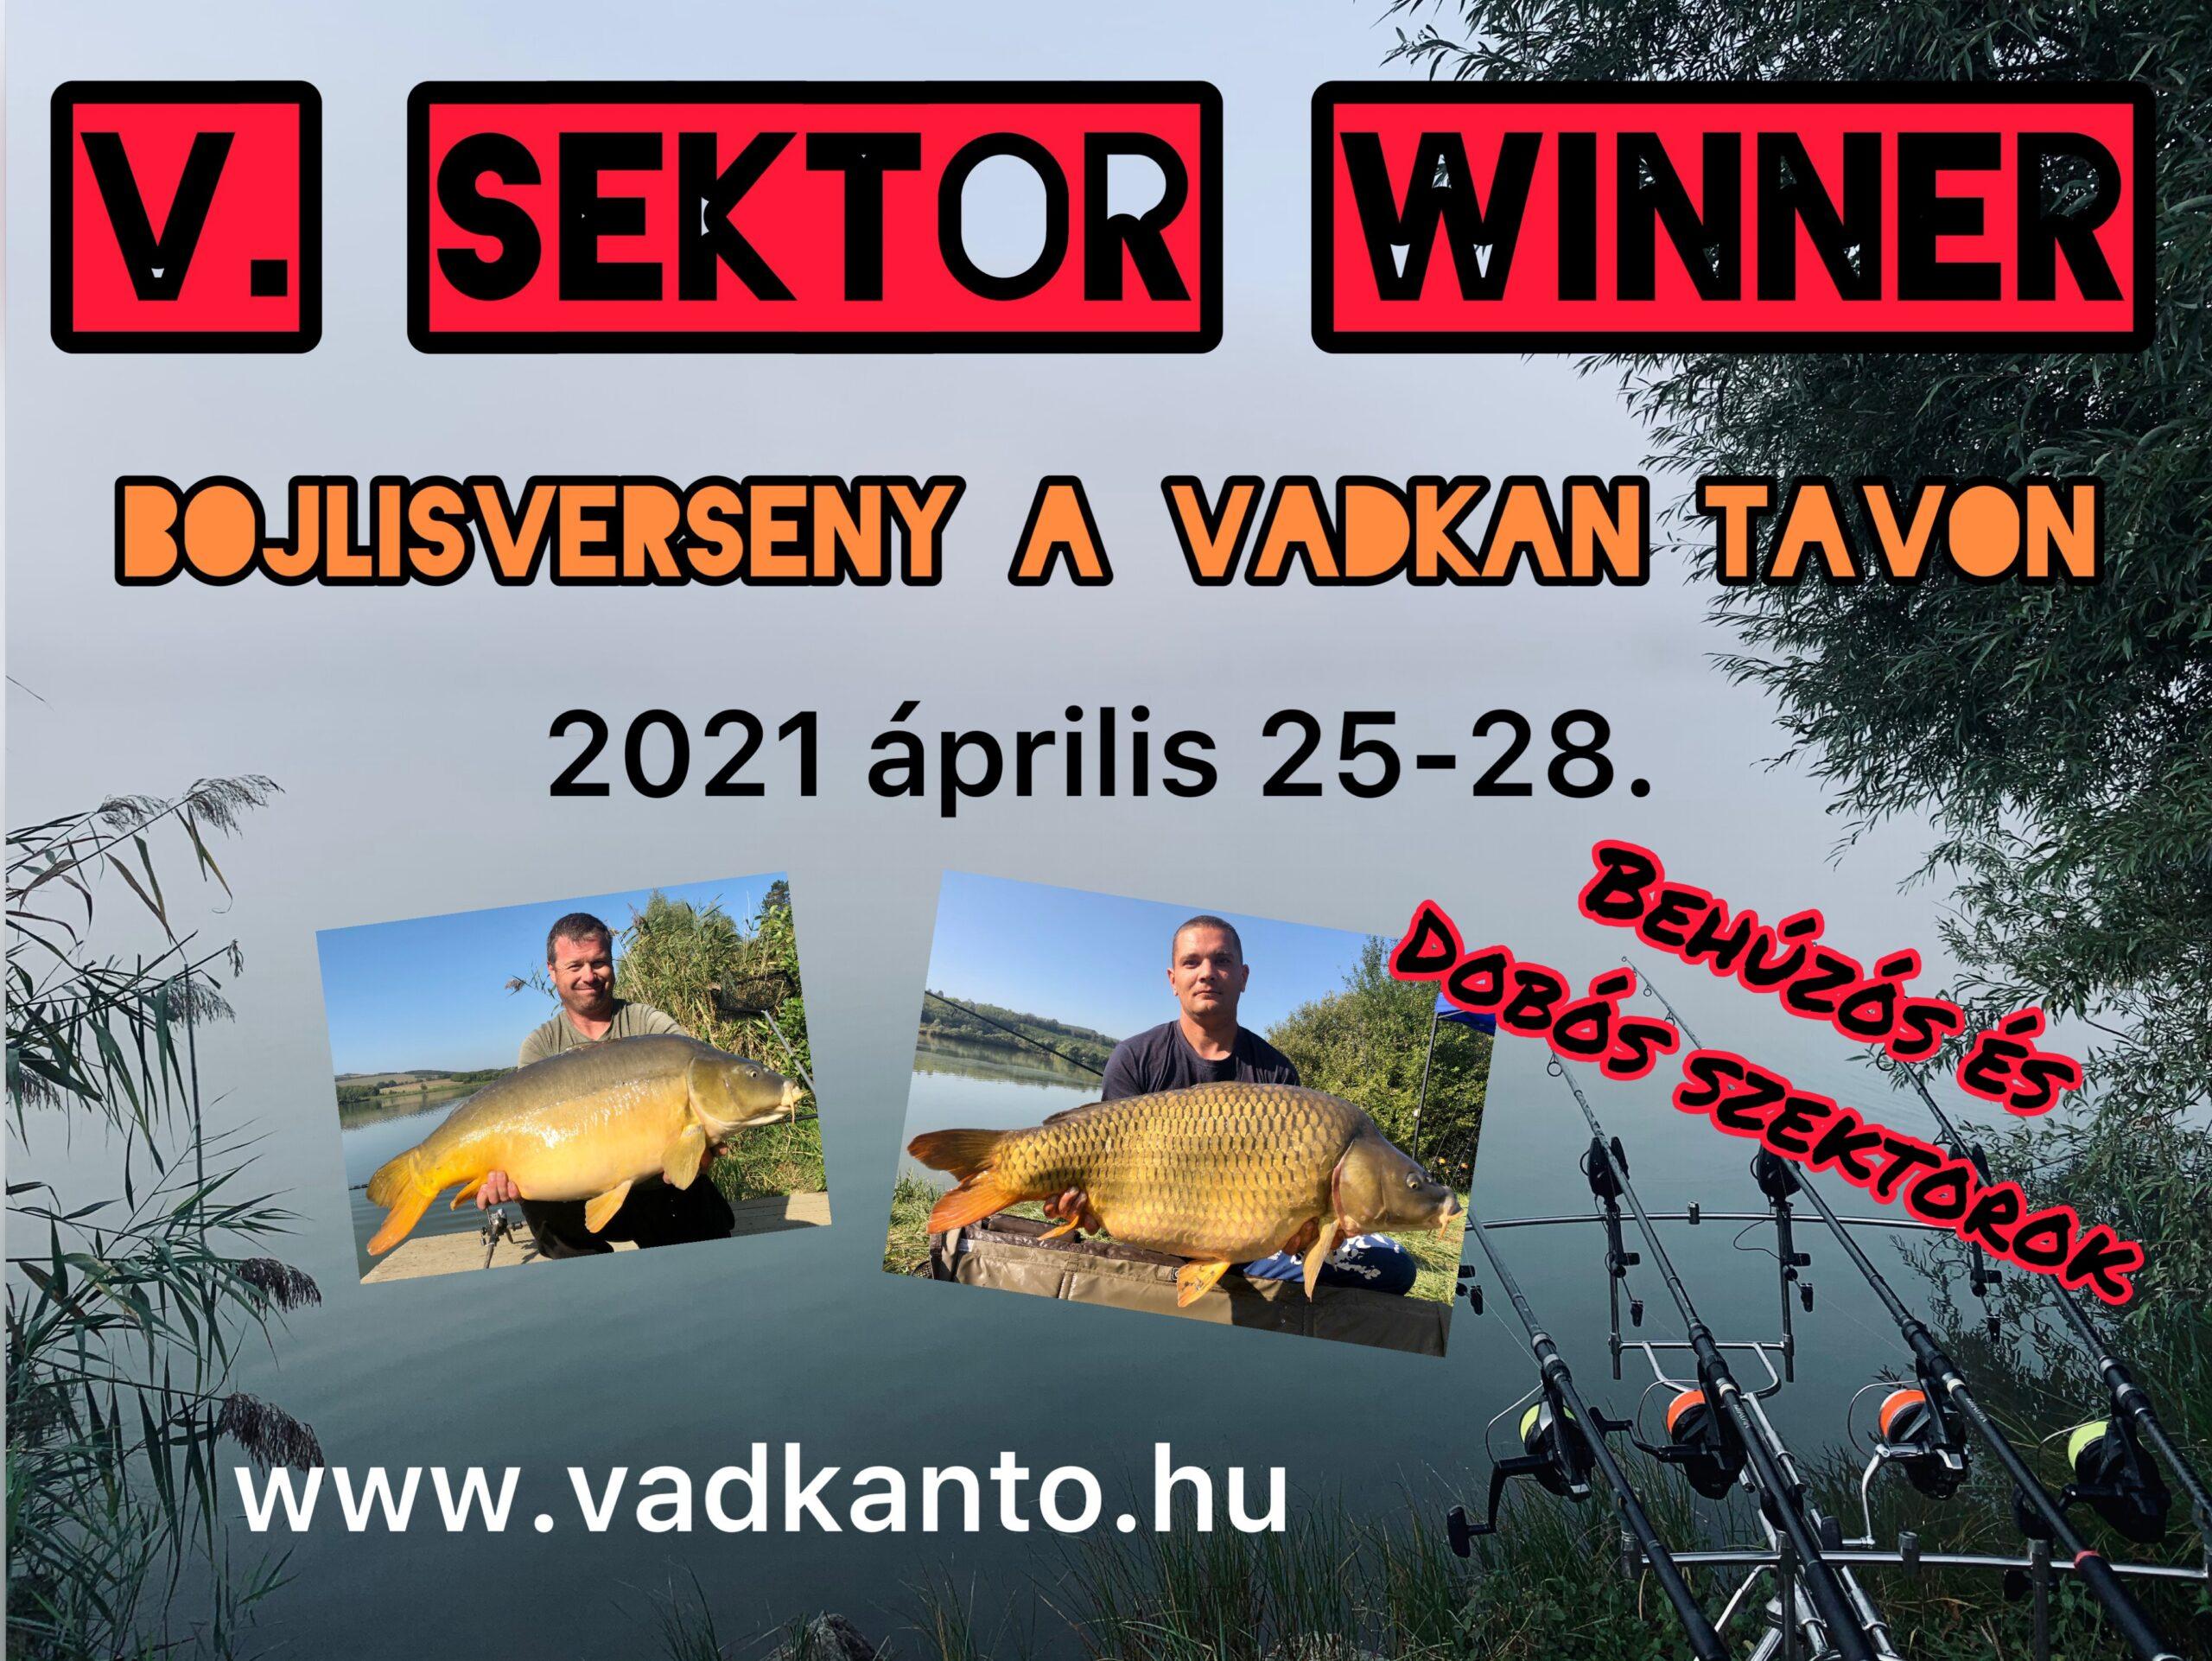 V. SEKTOR - WINNER Bojlisverseny a Vadkan tavon